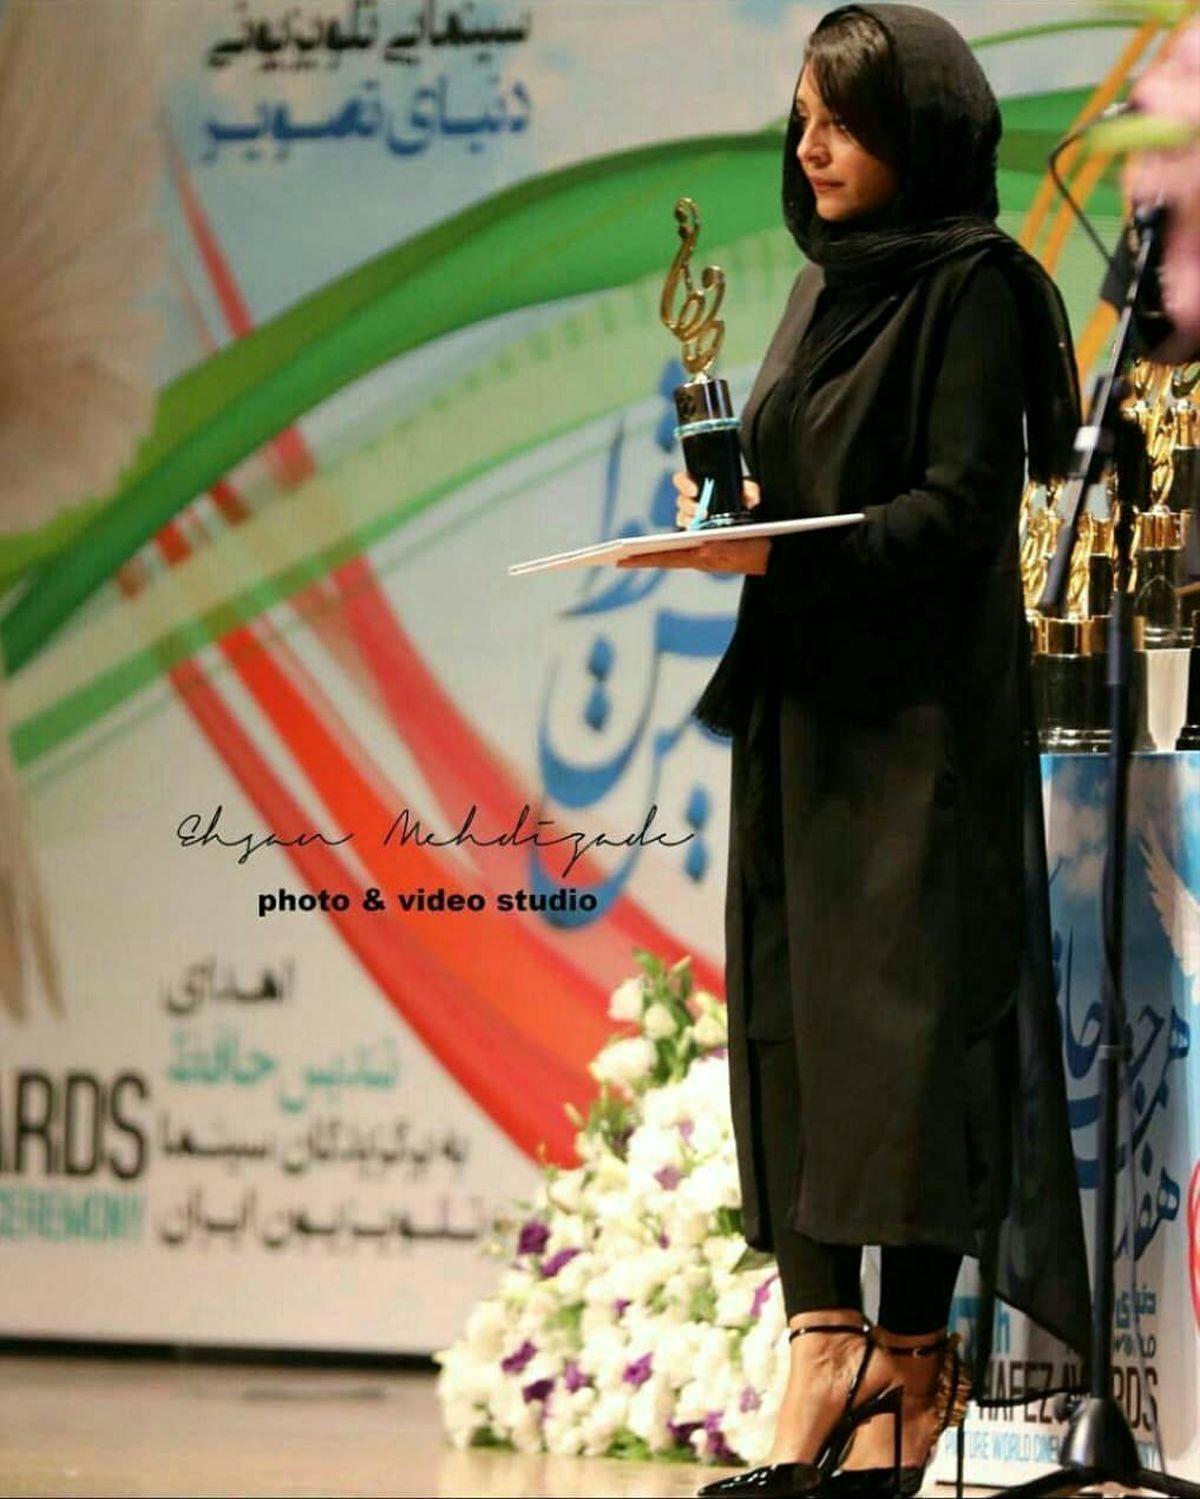 کفش های پاشنه بلند و عجیبِ ساره بیات + عکس